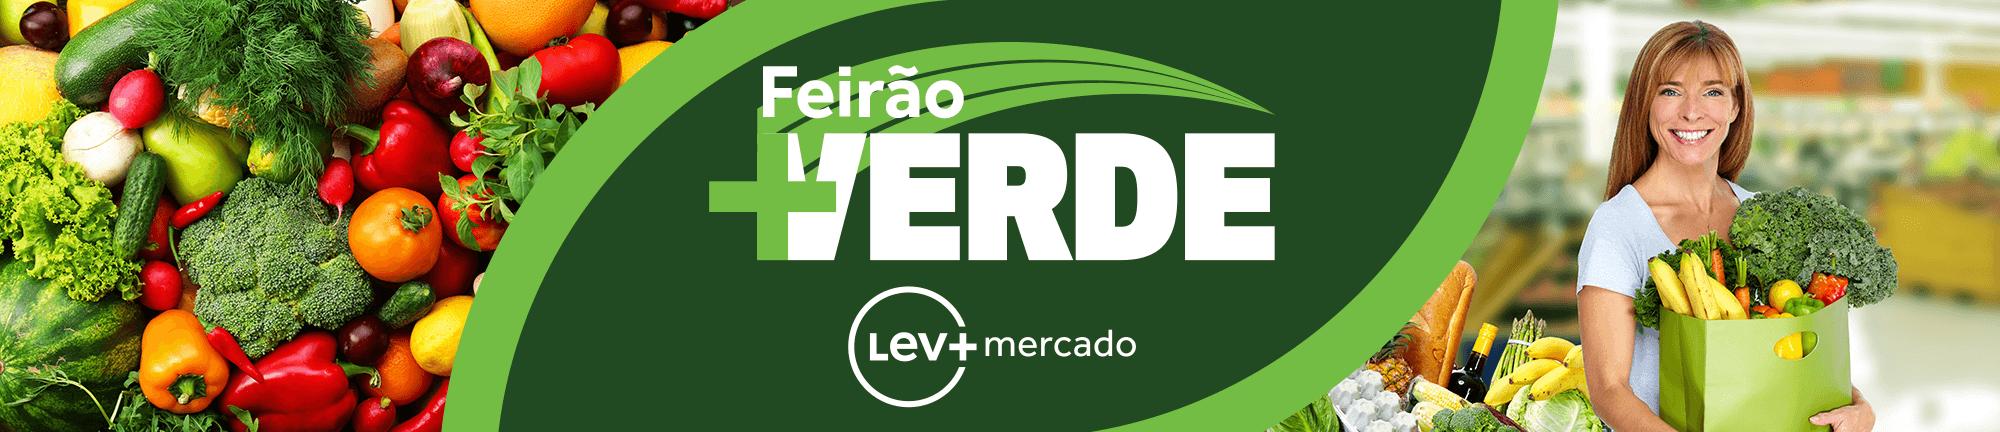 Feirão Lev+ mercado